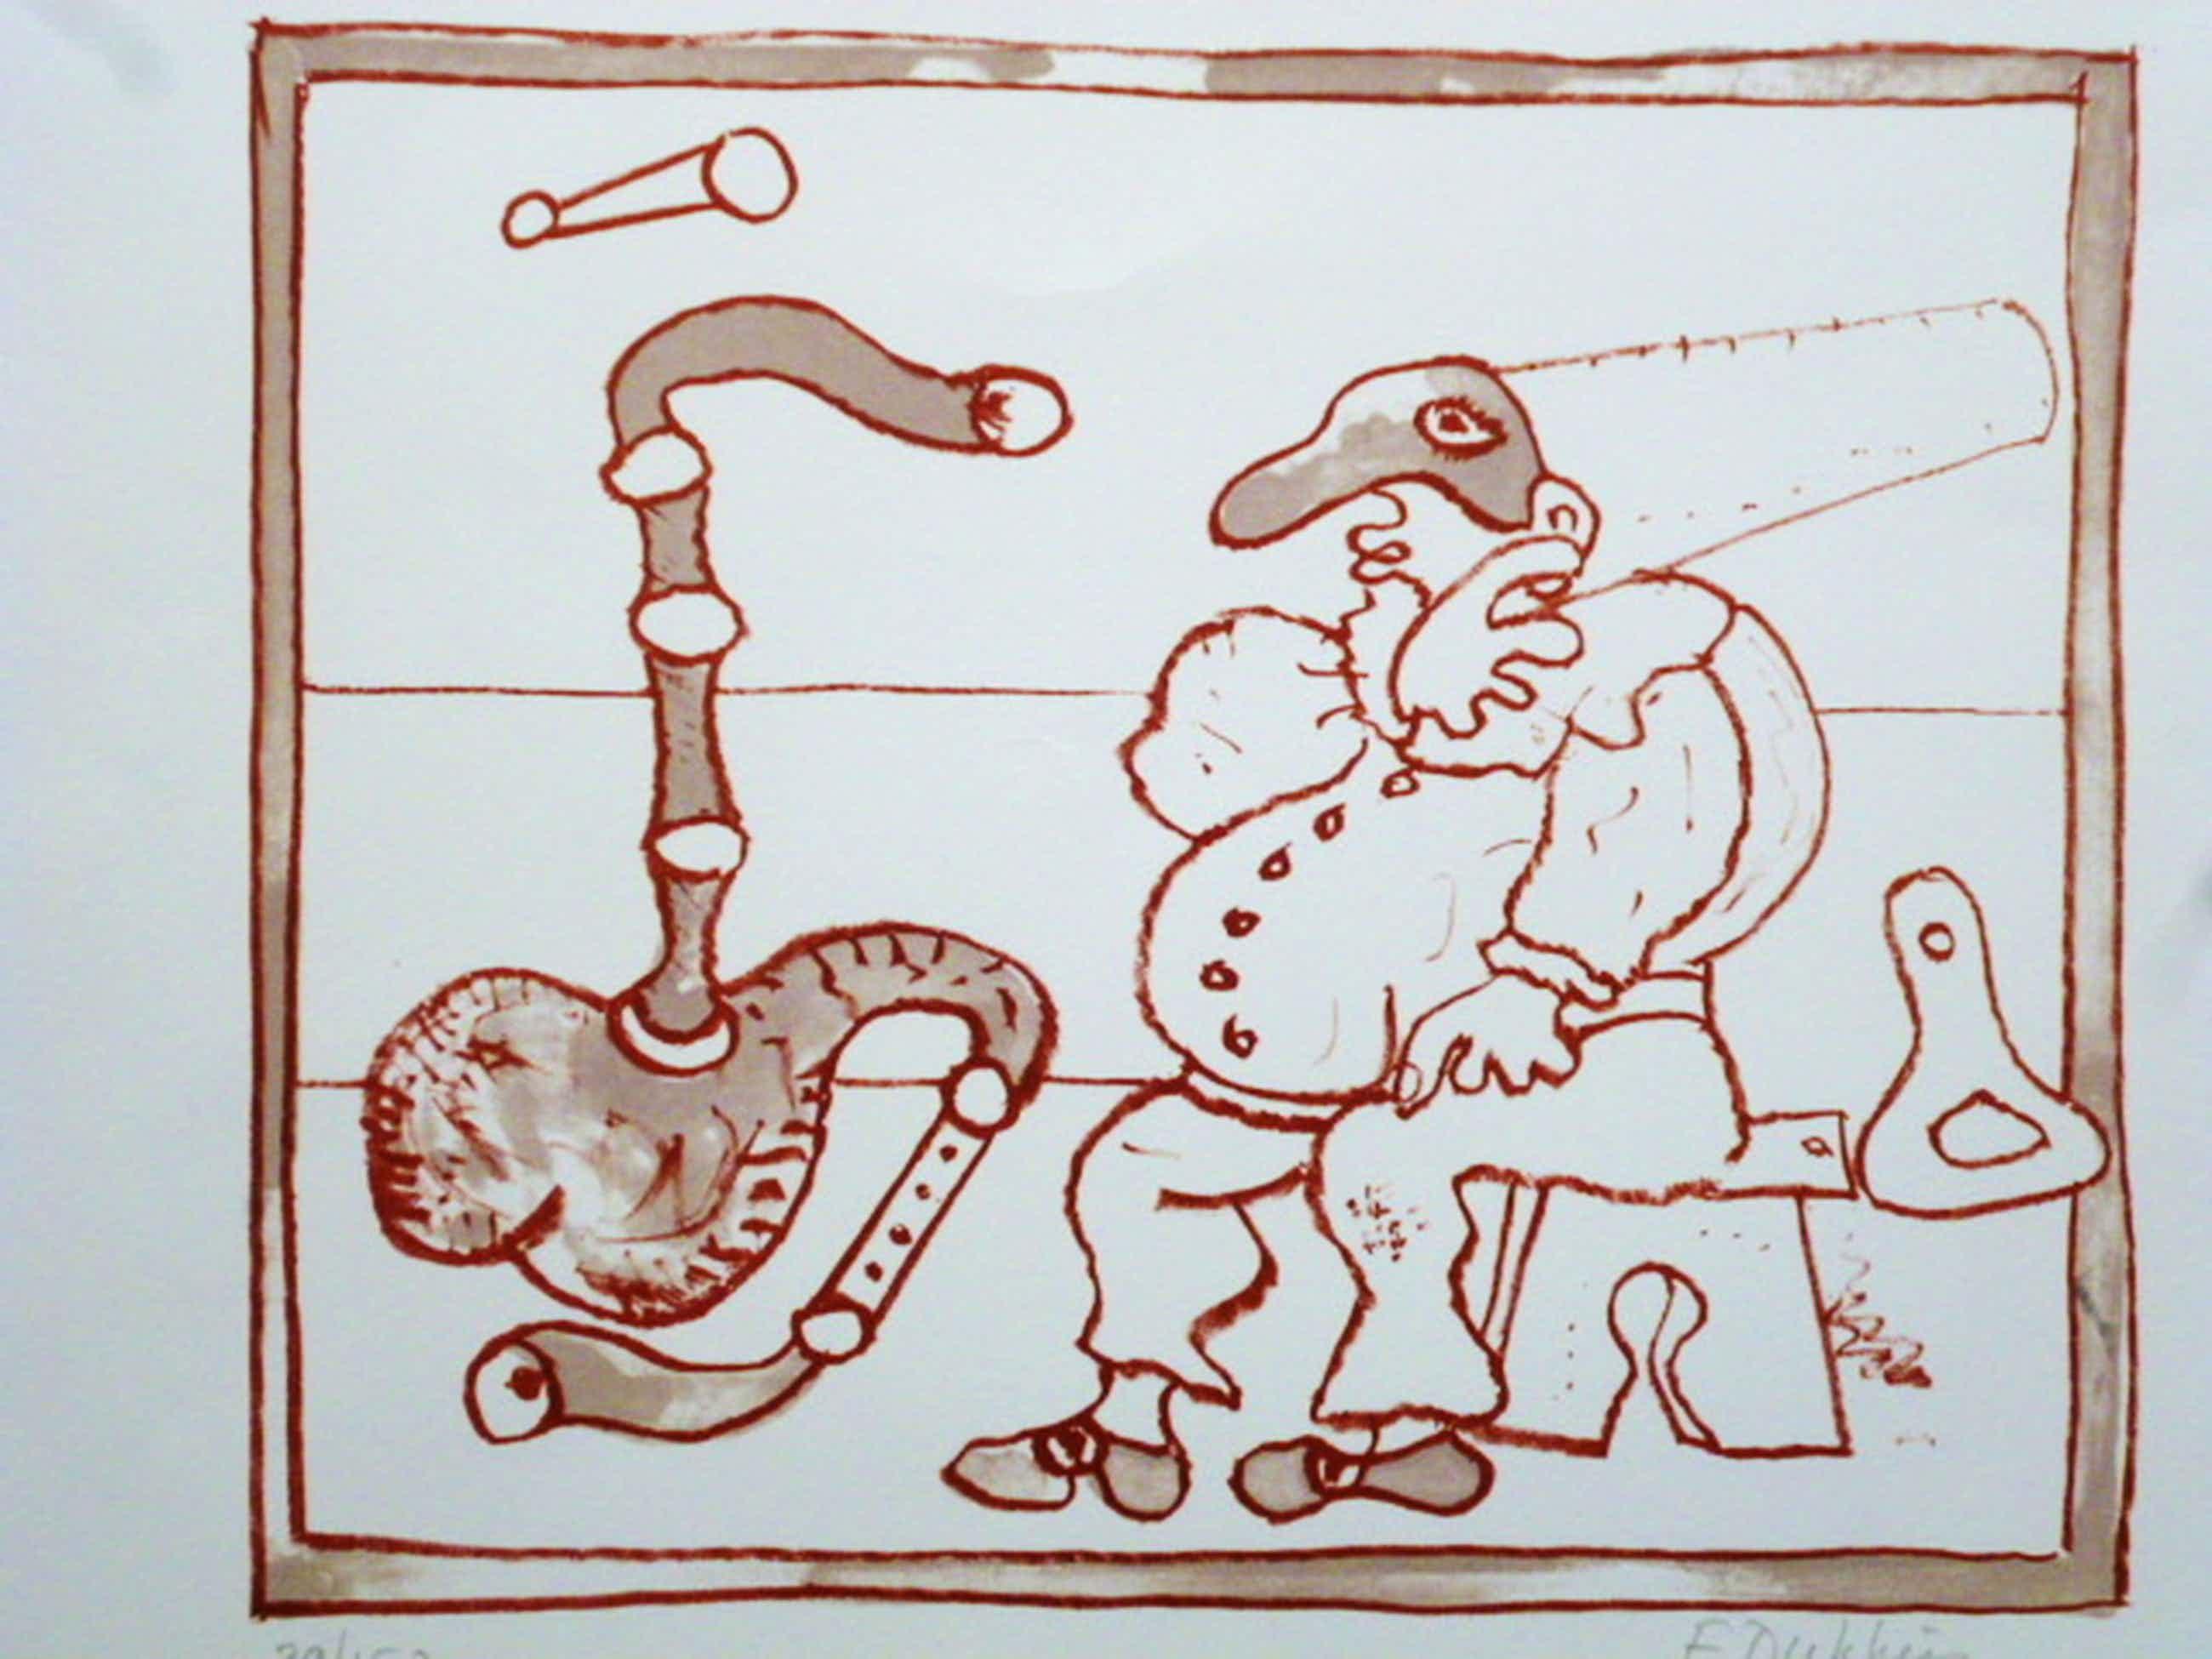 E. Dukkers - litho - Clownsfiguur met doedelzak kopen? Bied vanaf 35!